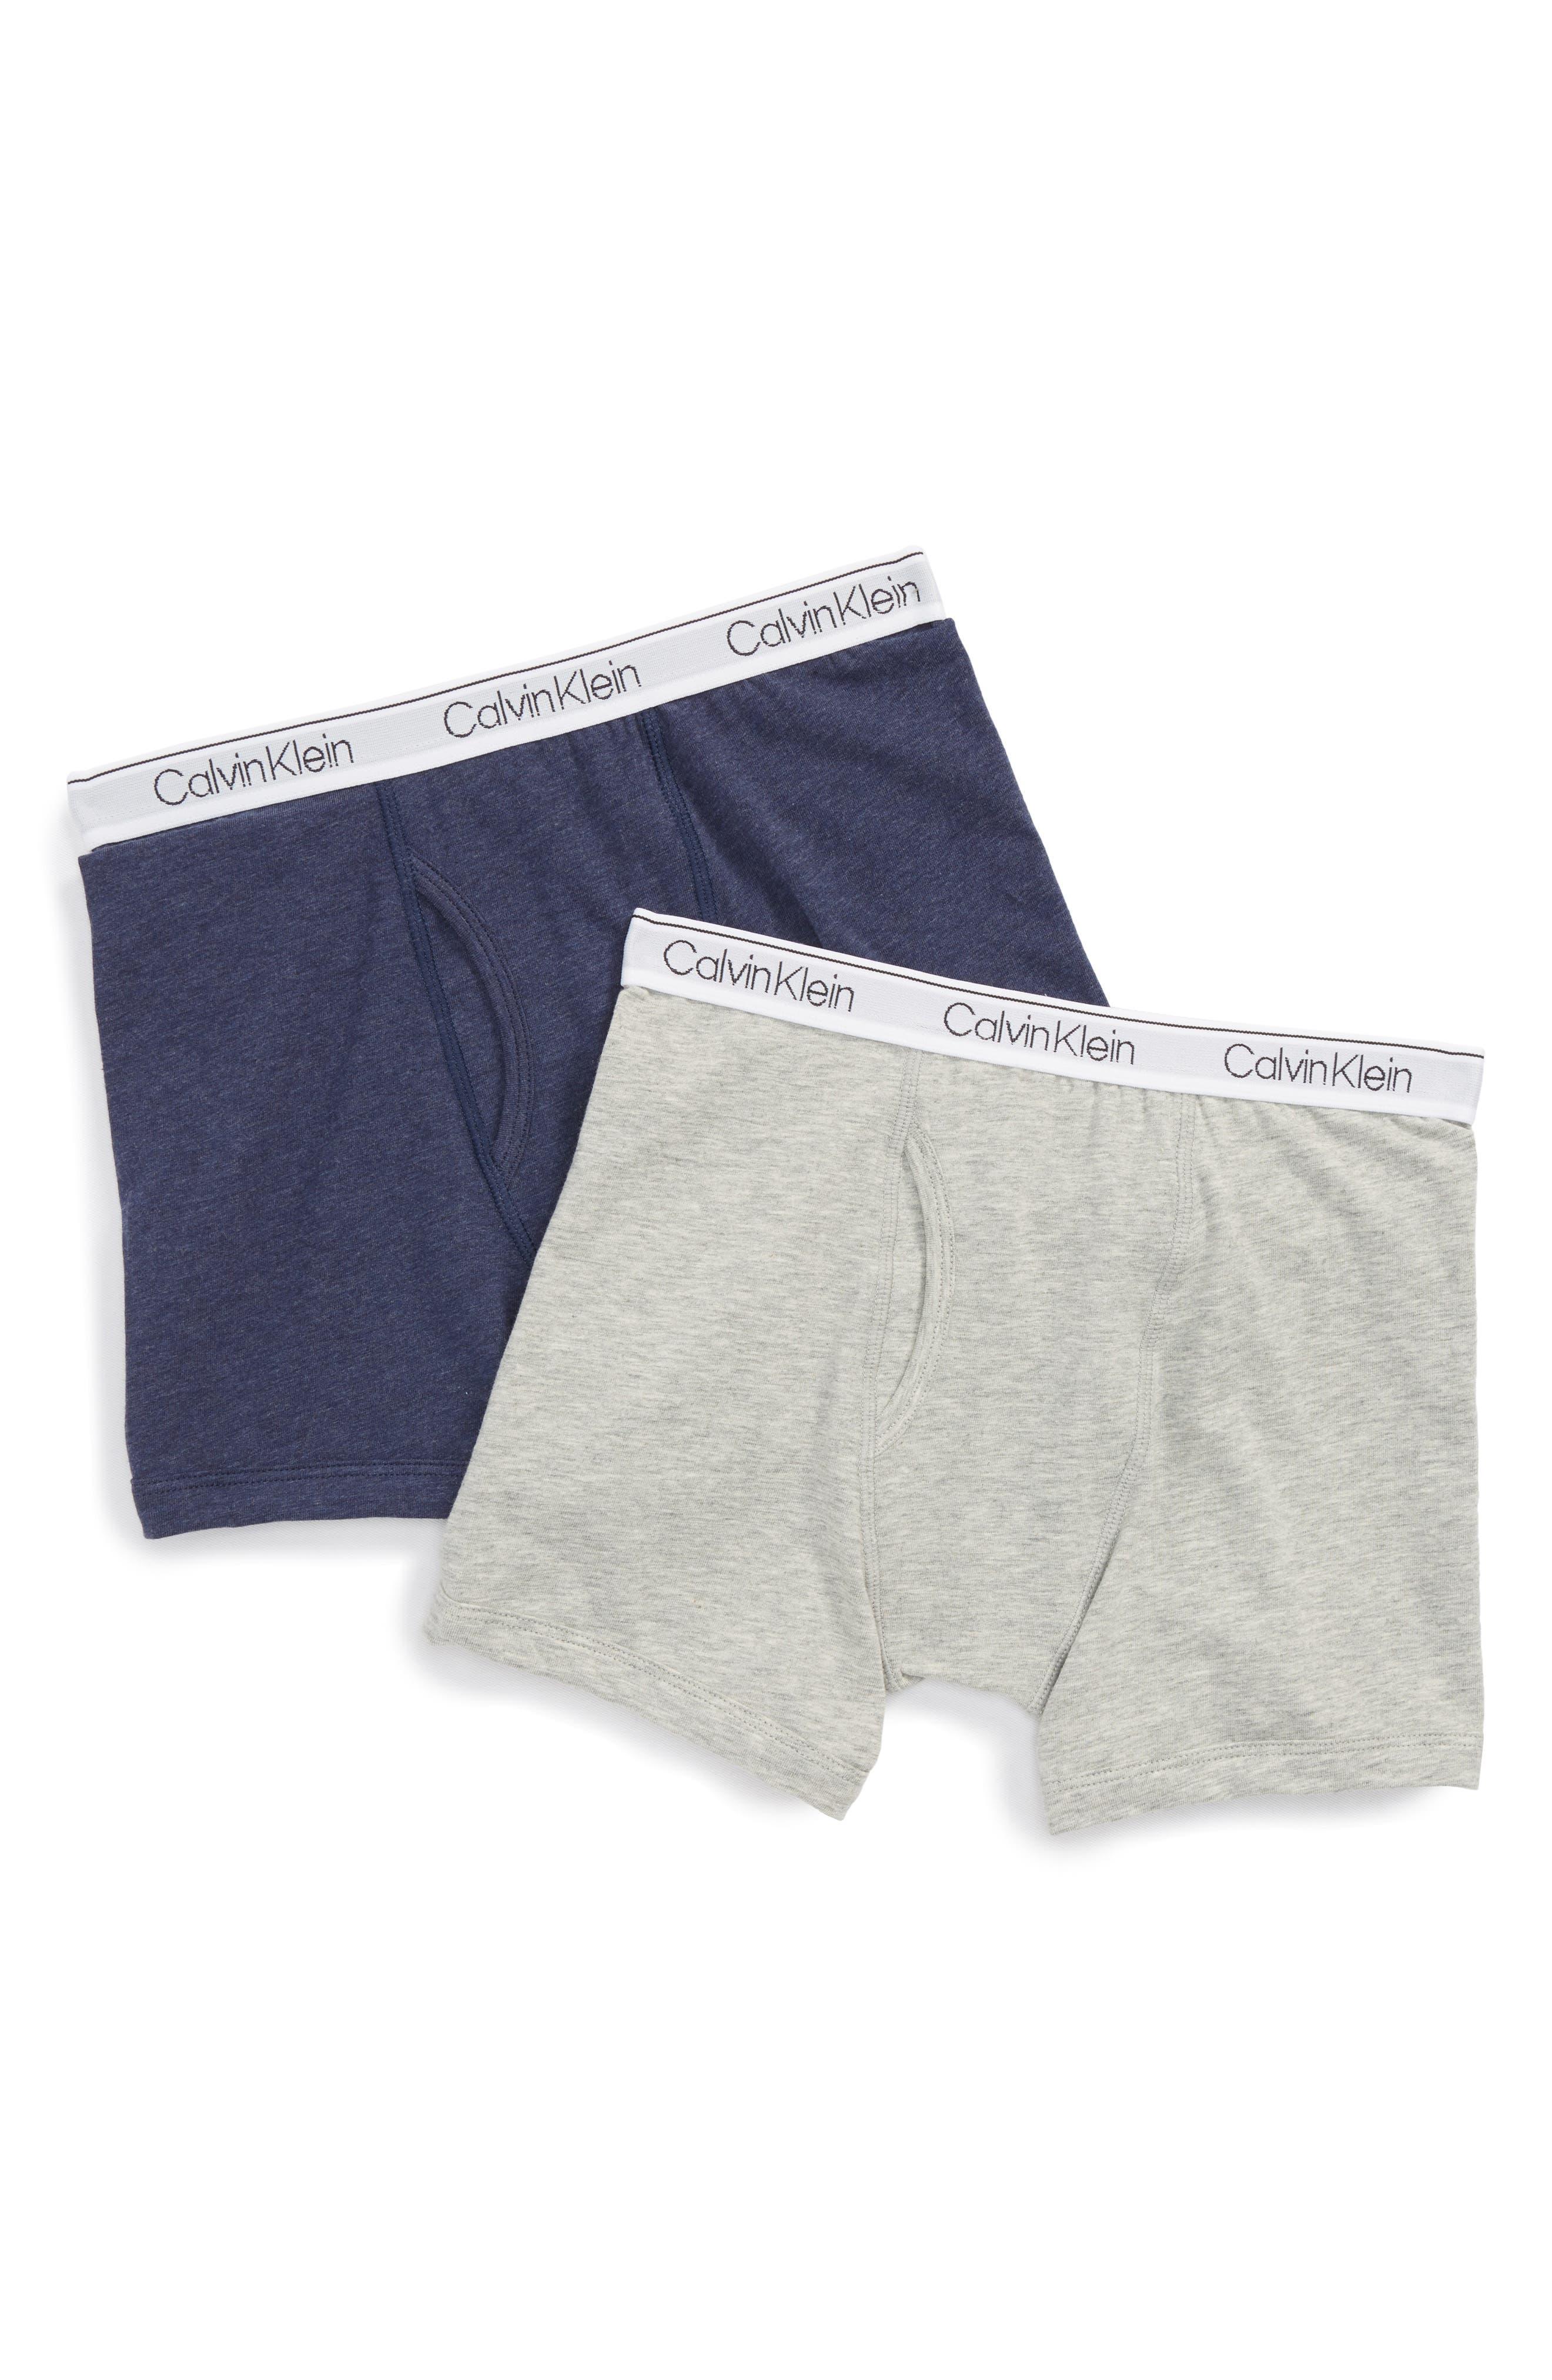 Boys Calvin Klein 2Pack Modern Boxer Briefs Size S (67)  Grey